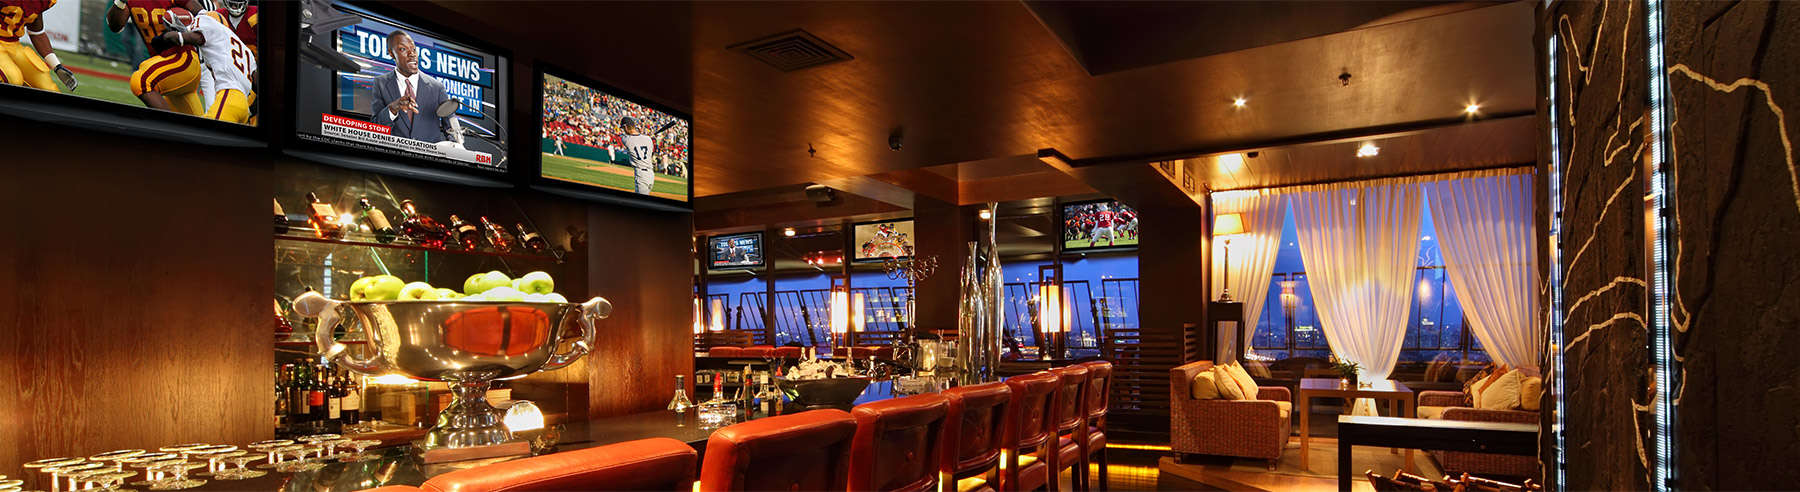 Sports bar & pub SLH system